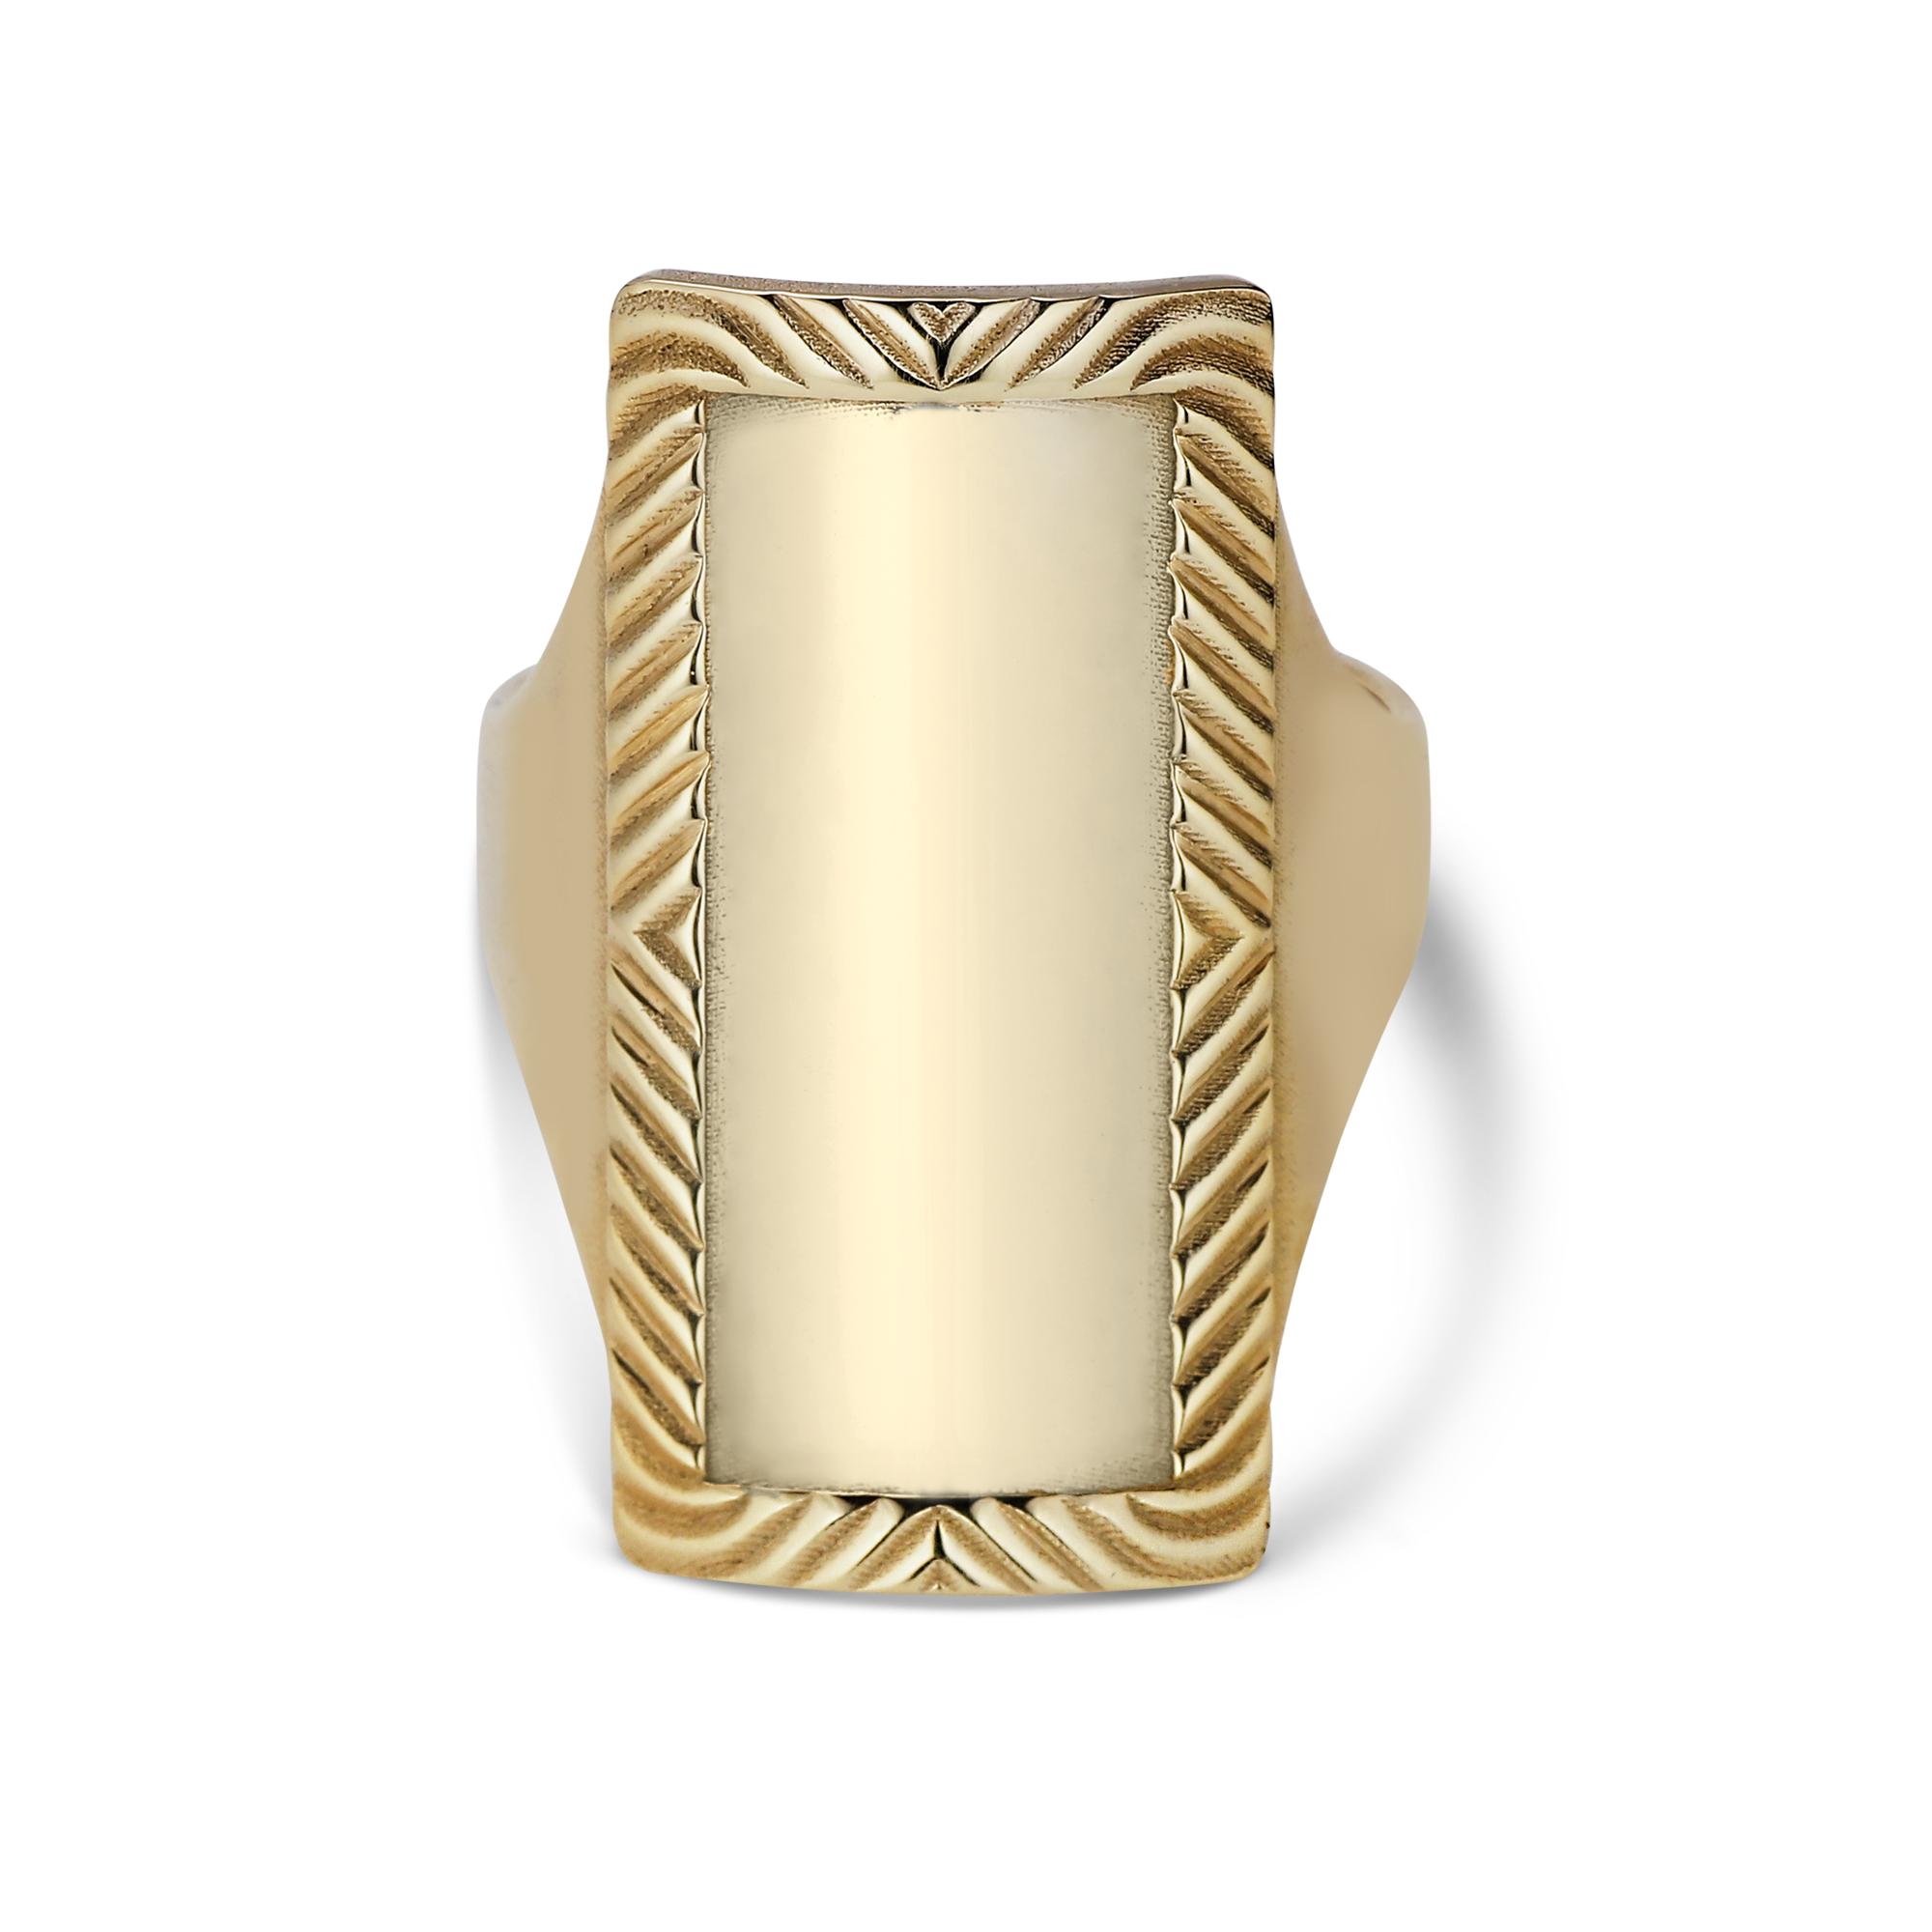 Jane Kønig Impression Armour ring, guld, 54